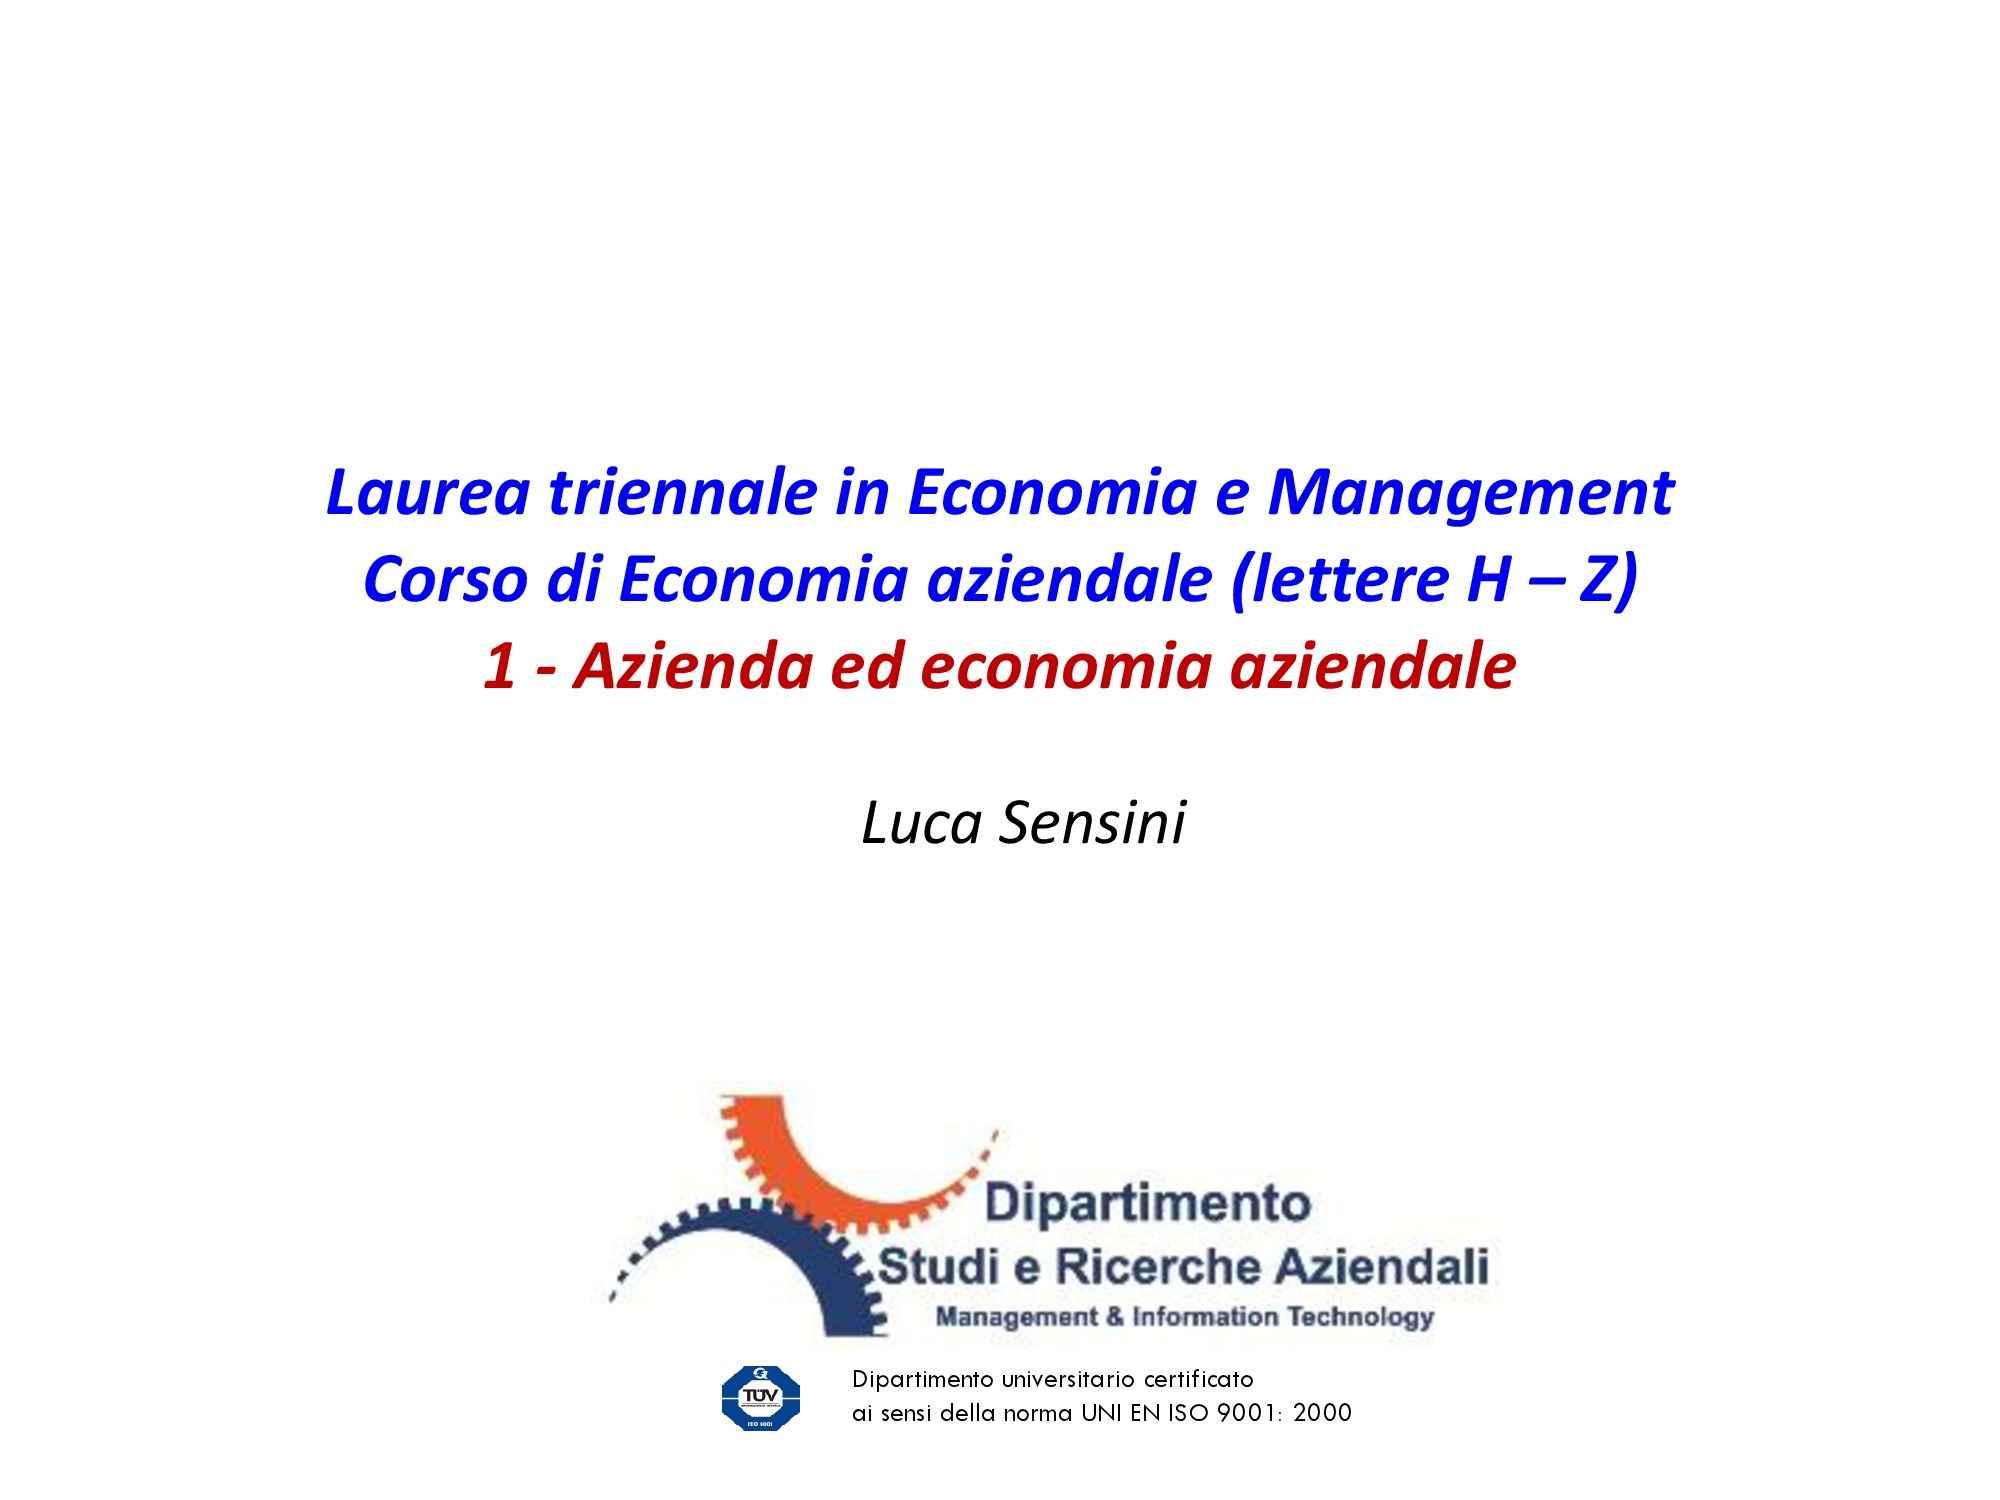 Dispensa di Economia aziendale - Azienda ed economia aziendale